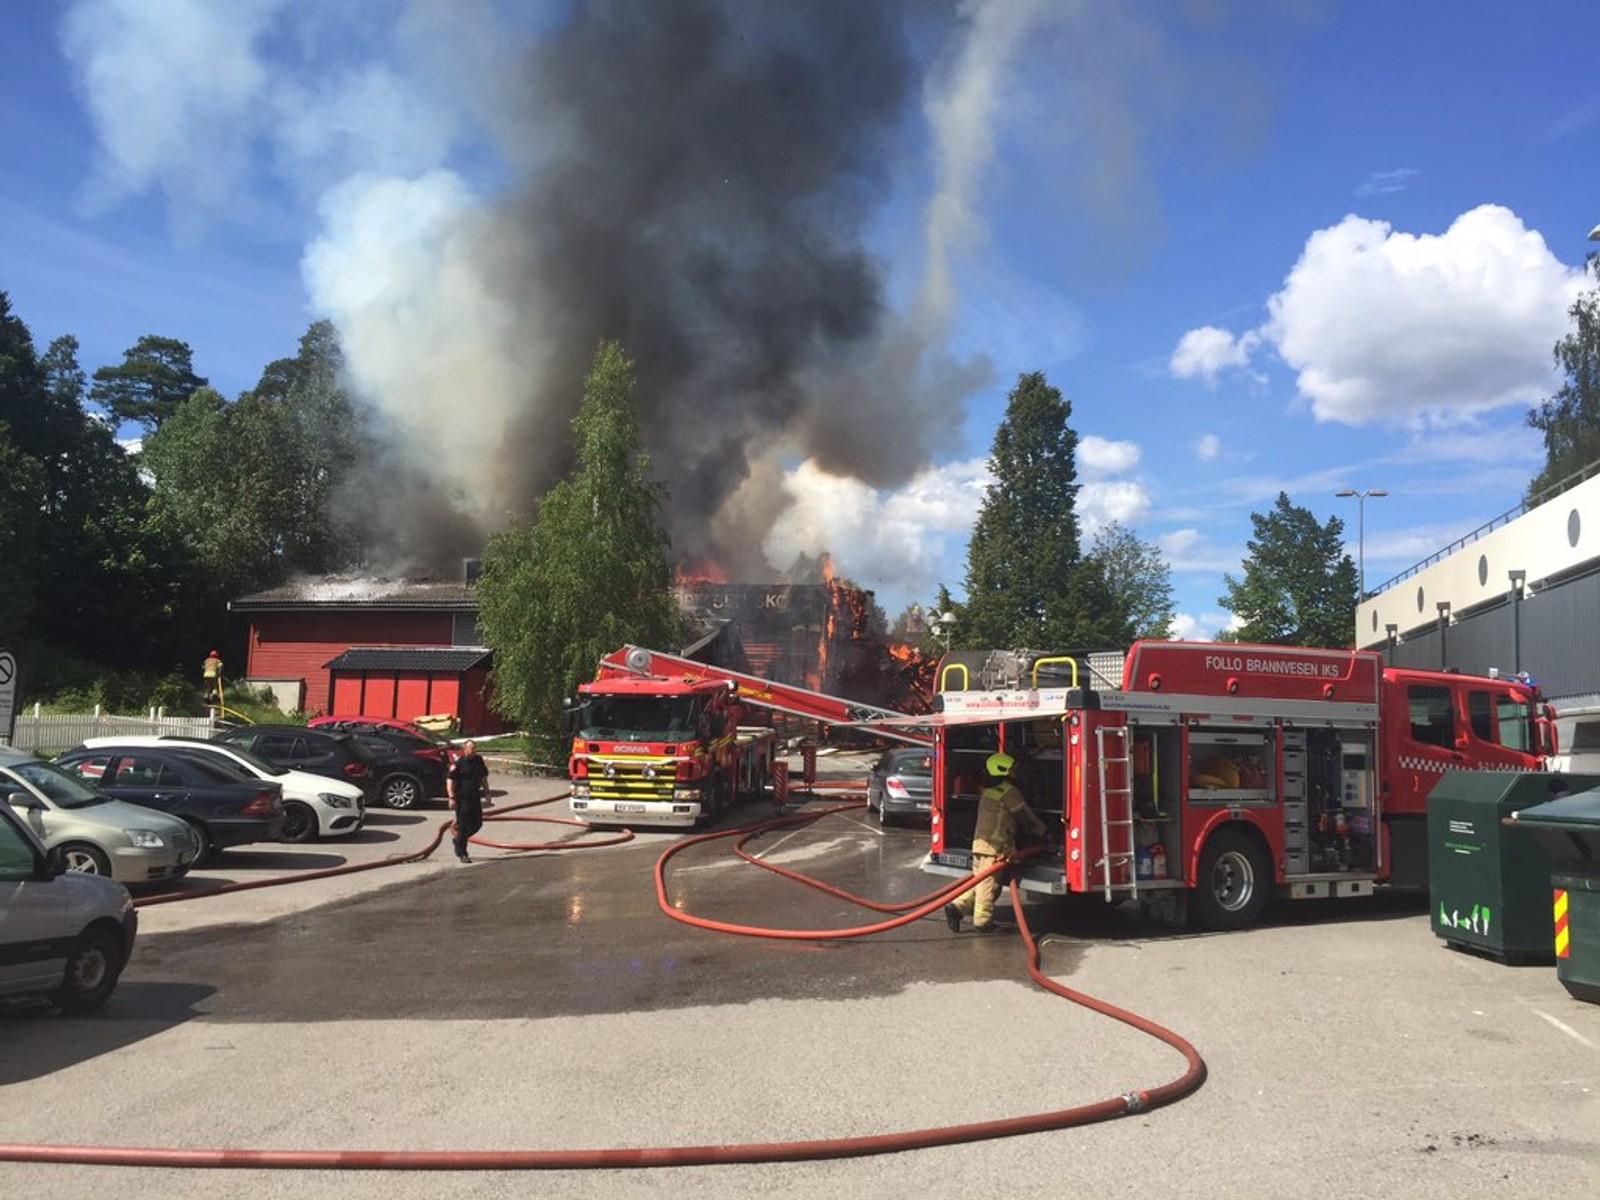 Alle er evakuert fra bygningen som brenner, ifølge rektor ved skolen.